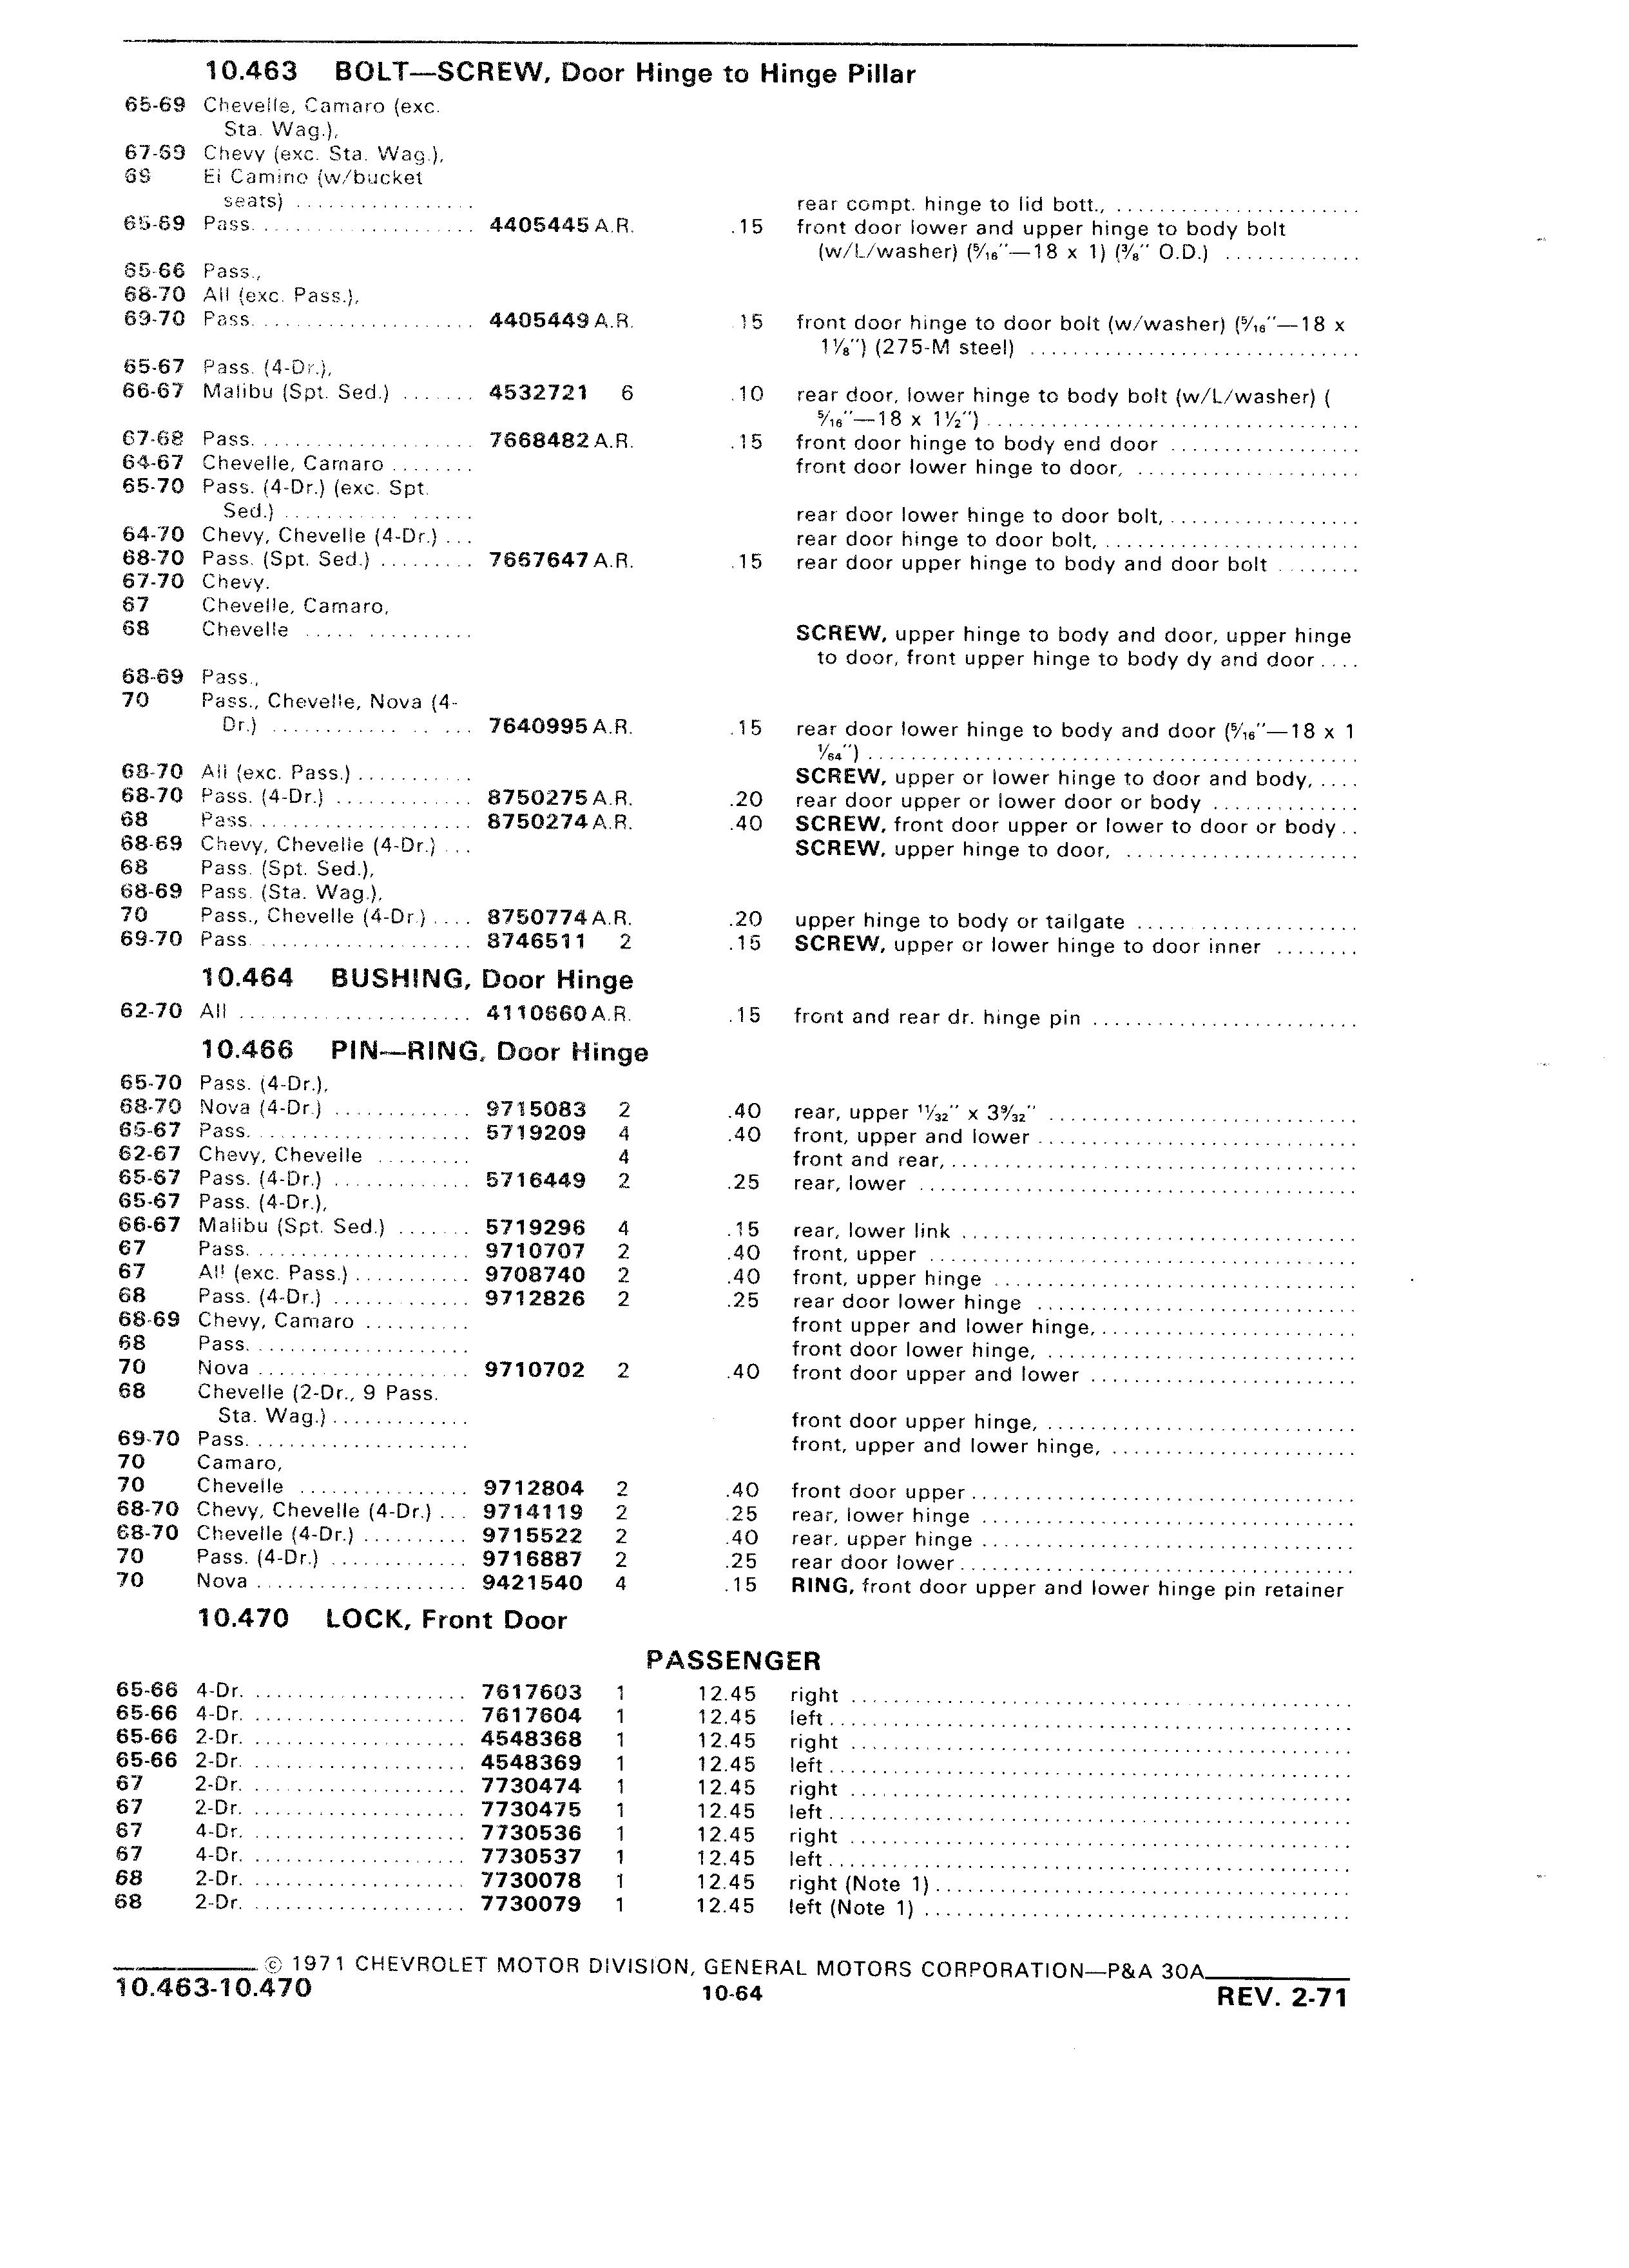 70PA30A_1672.png